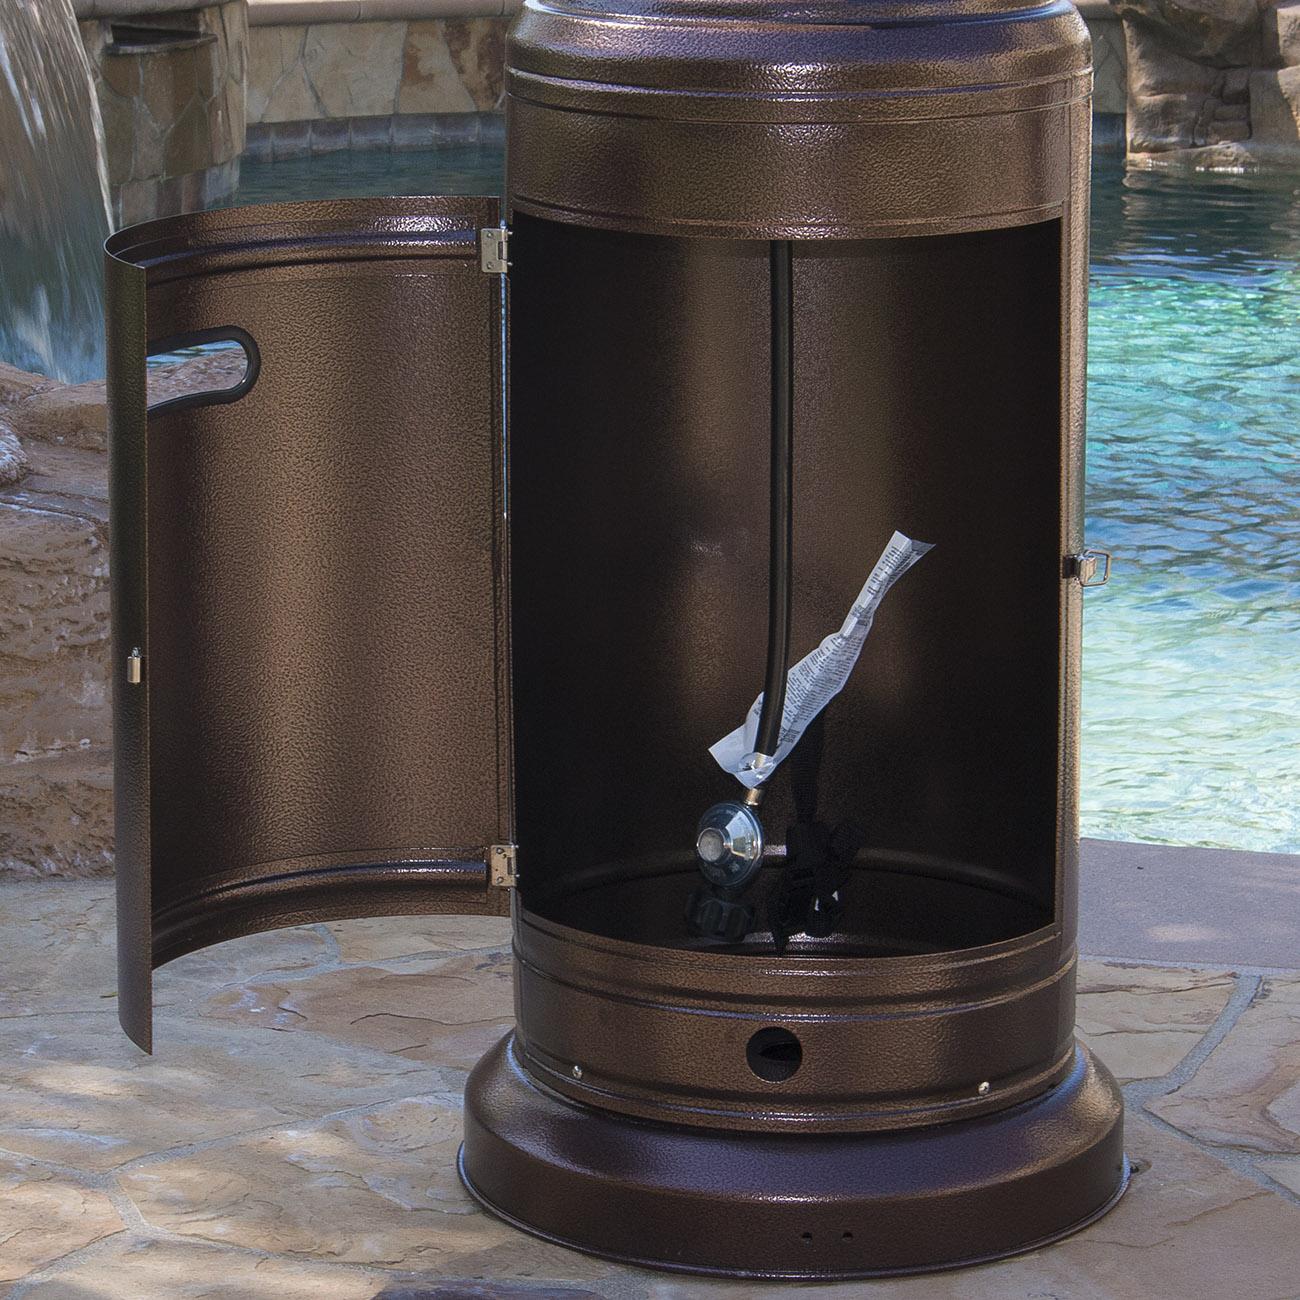 Outdoor Patio Heaters New Zealand: Garden Outdoor Patio Heater W/ Table Propane Standing Lpg